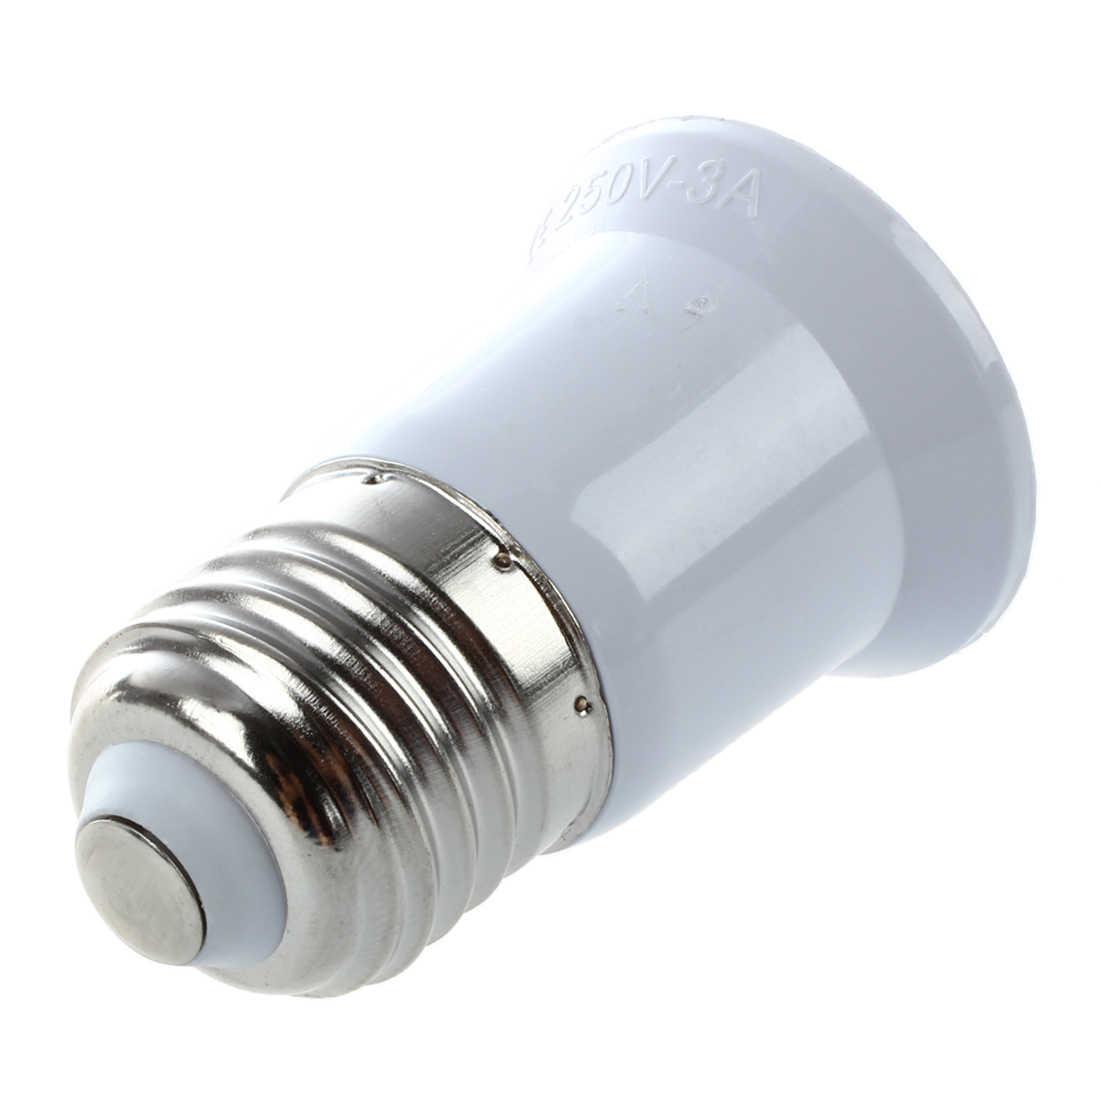 E27 do E27 uchwyt żarówki srebrny Tone biały przedłużacz adaptera